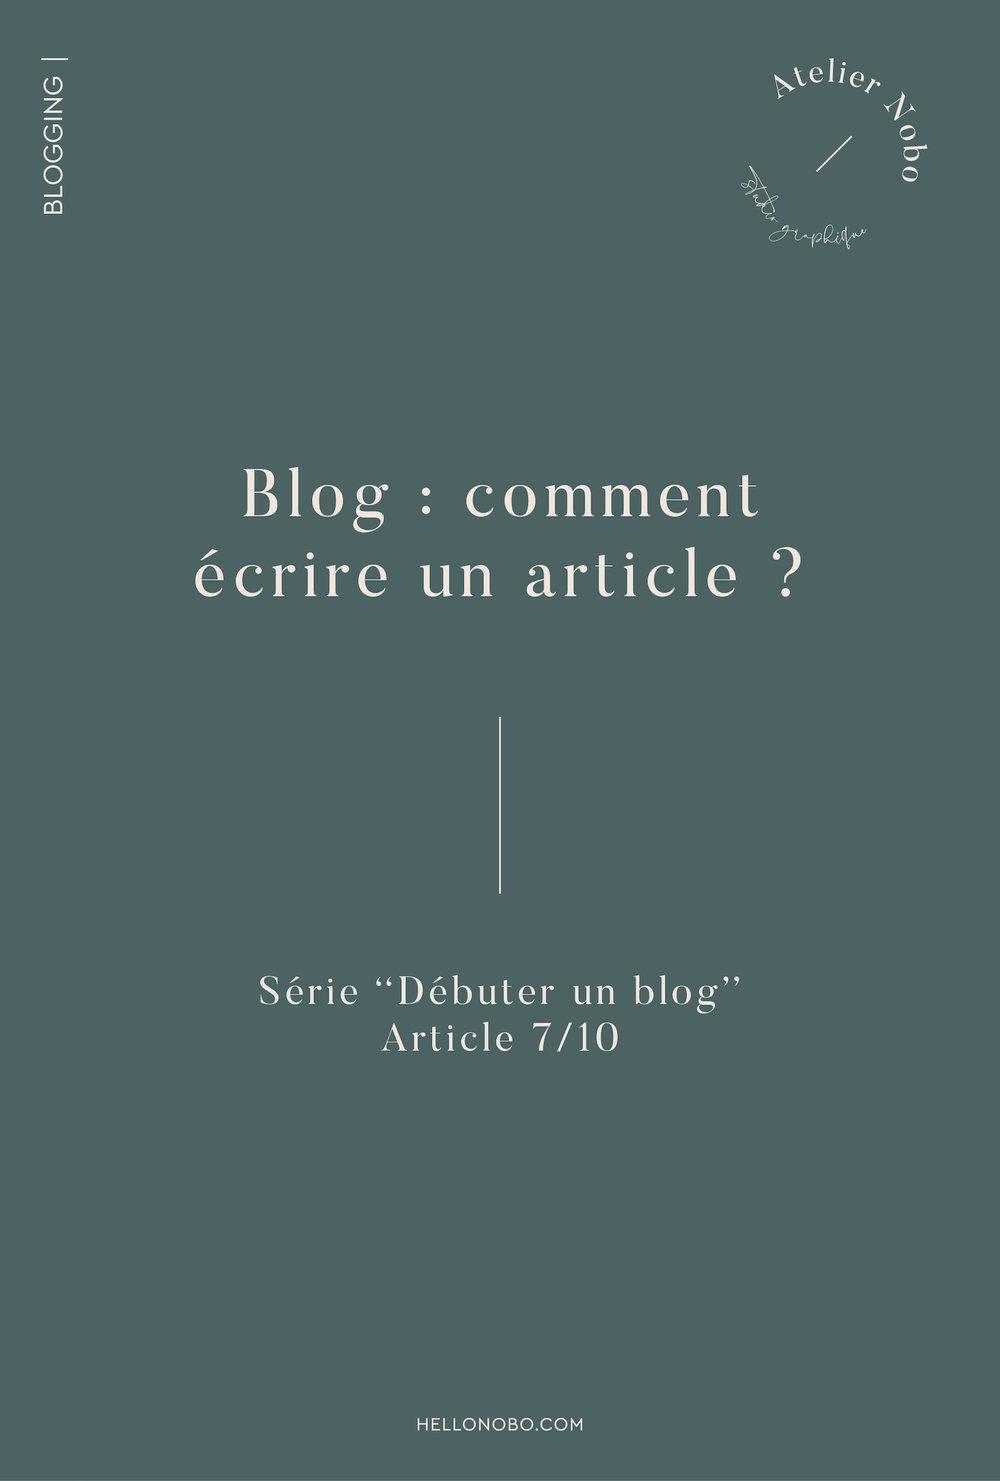 comment écrire un article - Hellonobo.com